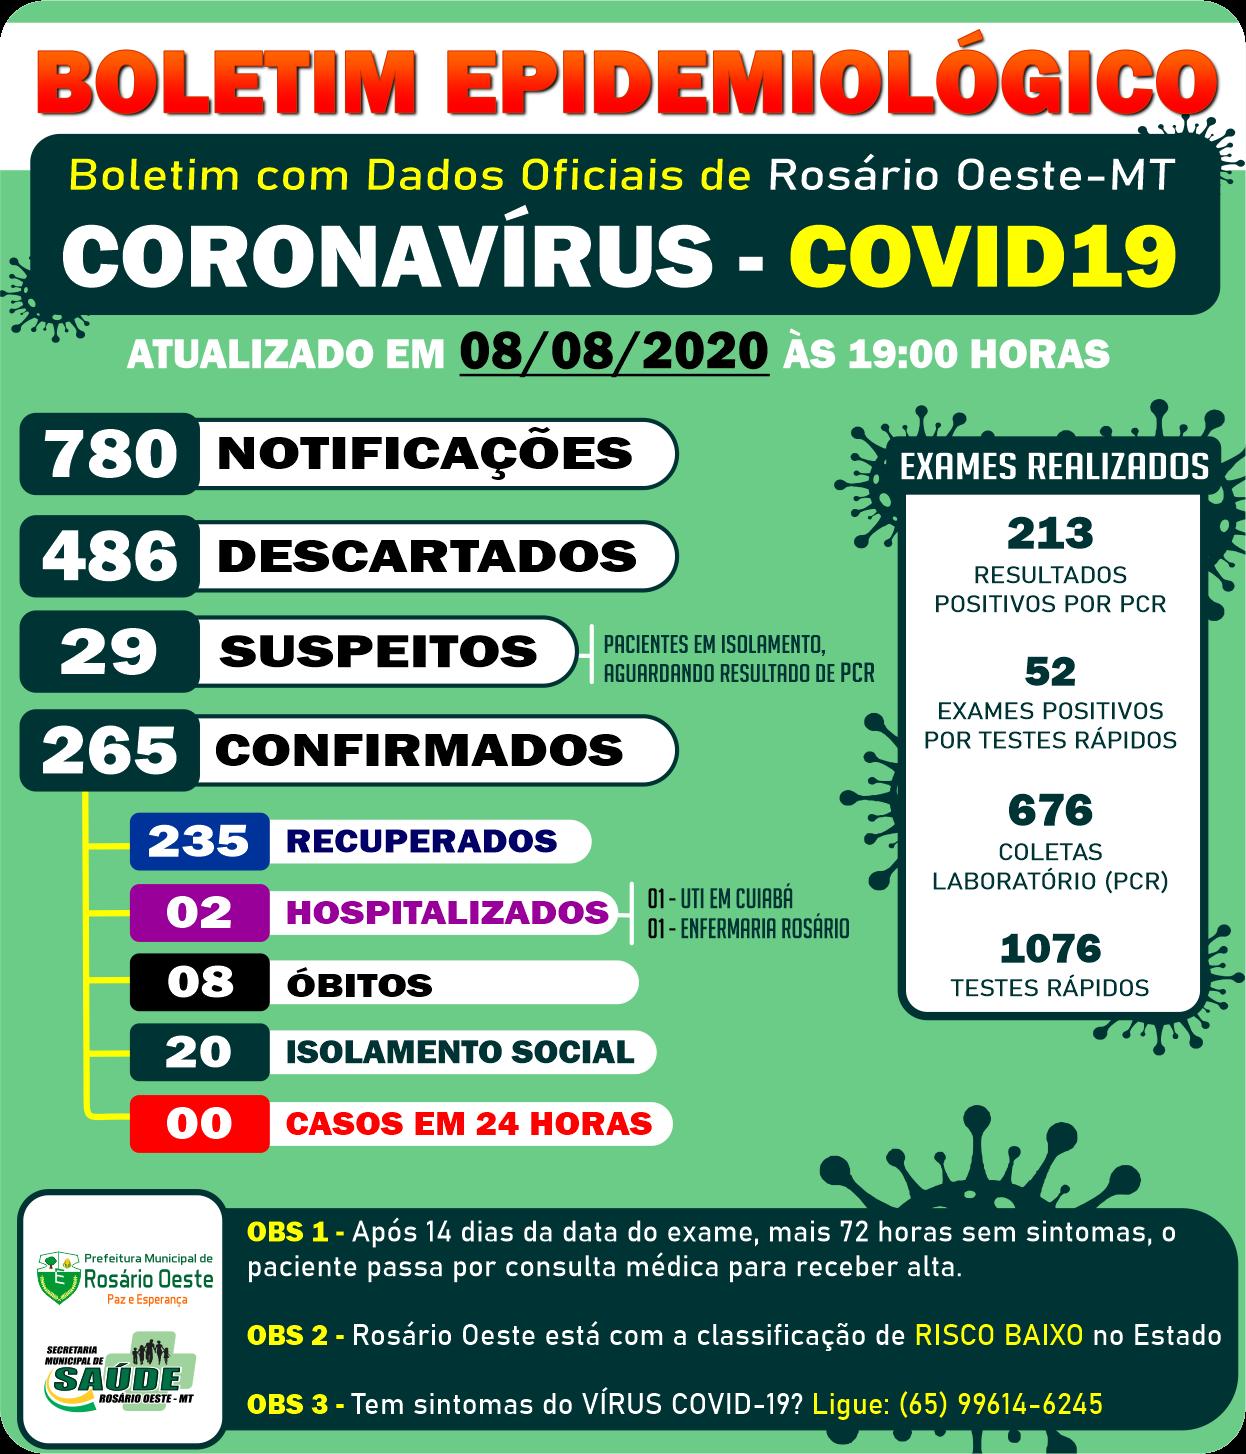 Rosário Oeste não registrou nenhum caso de Covid19 neste sábado (08/08)